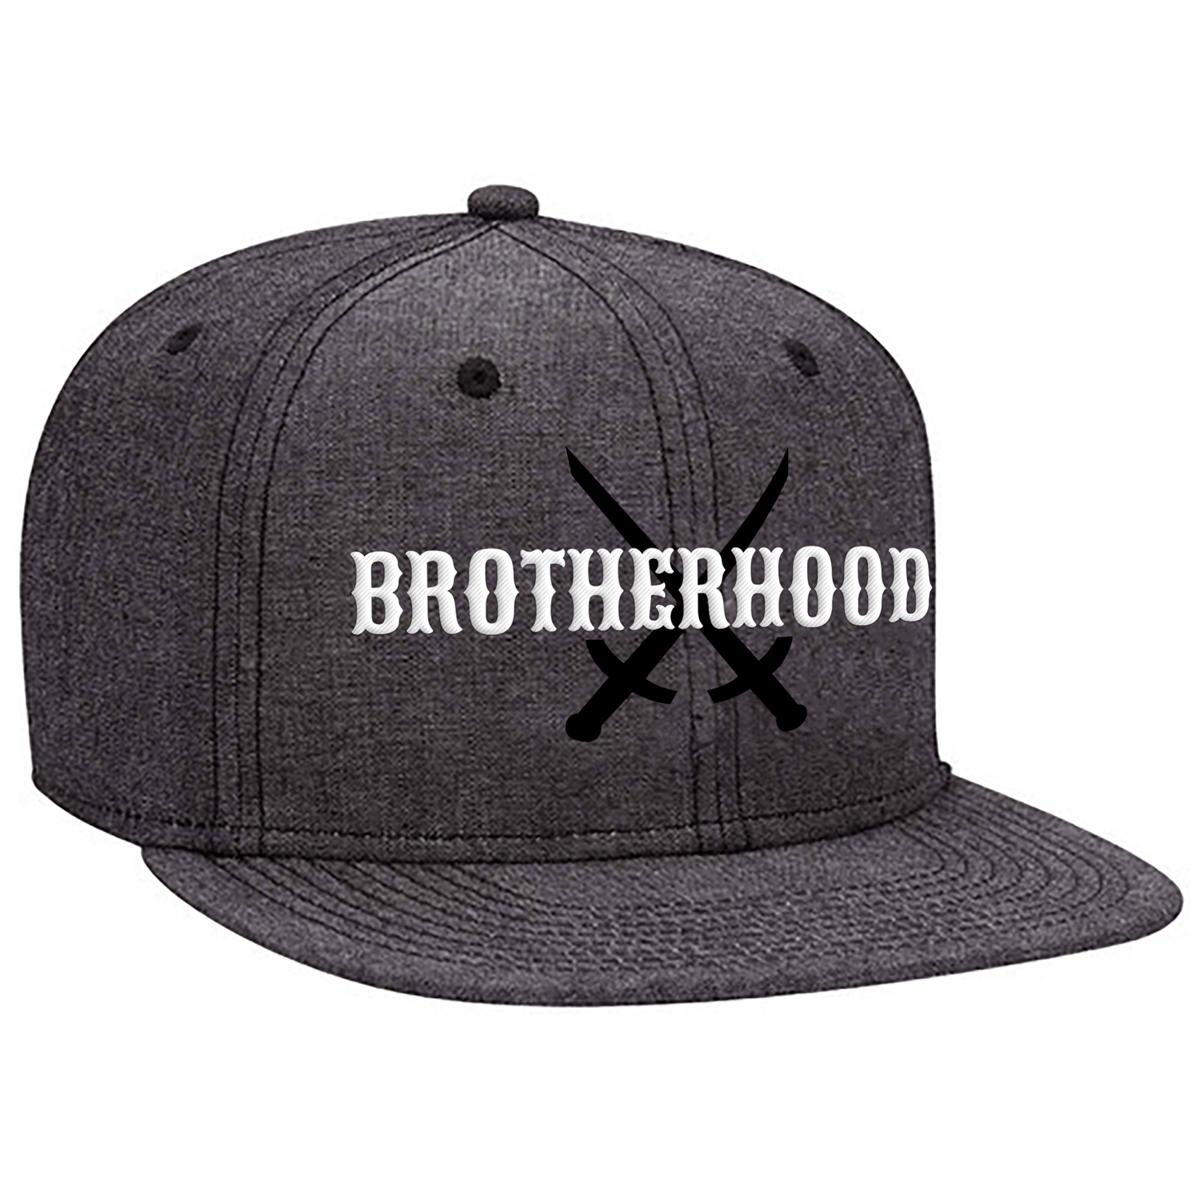 Image of BROTHERHOOD